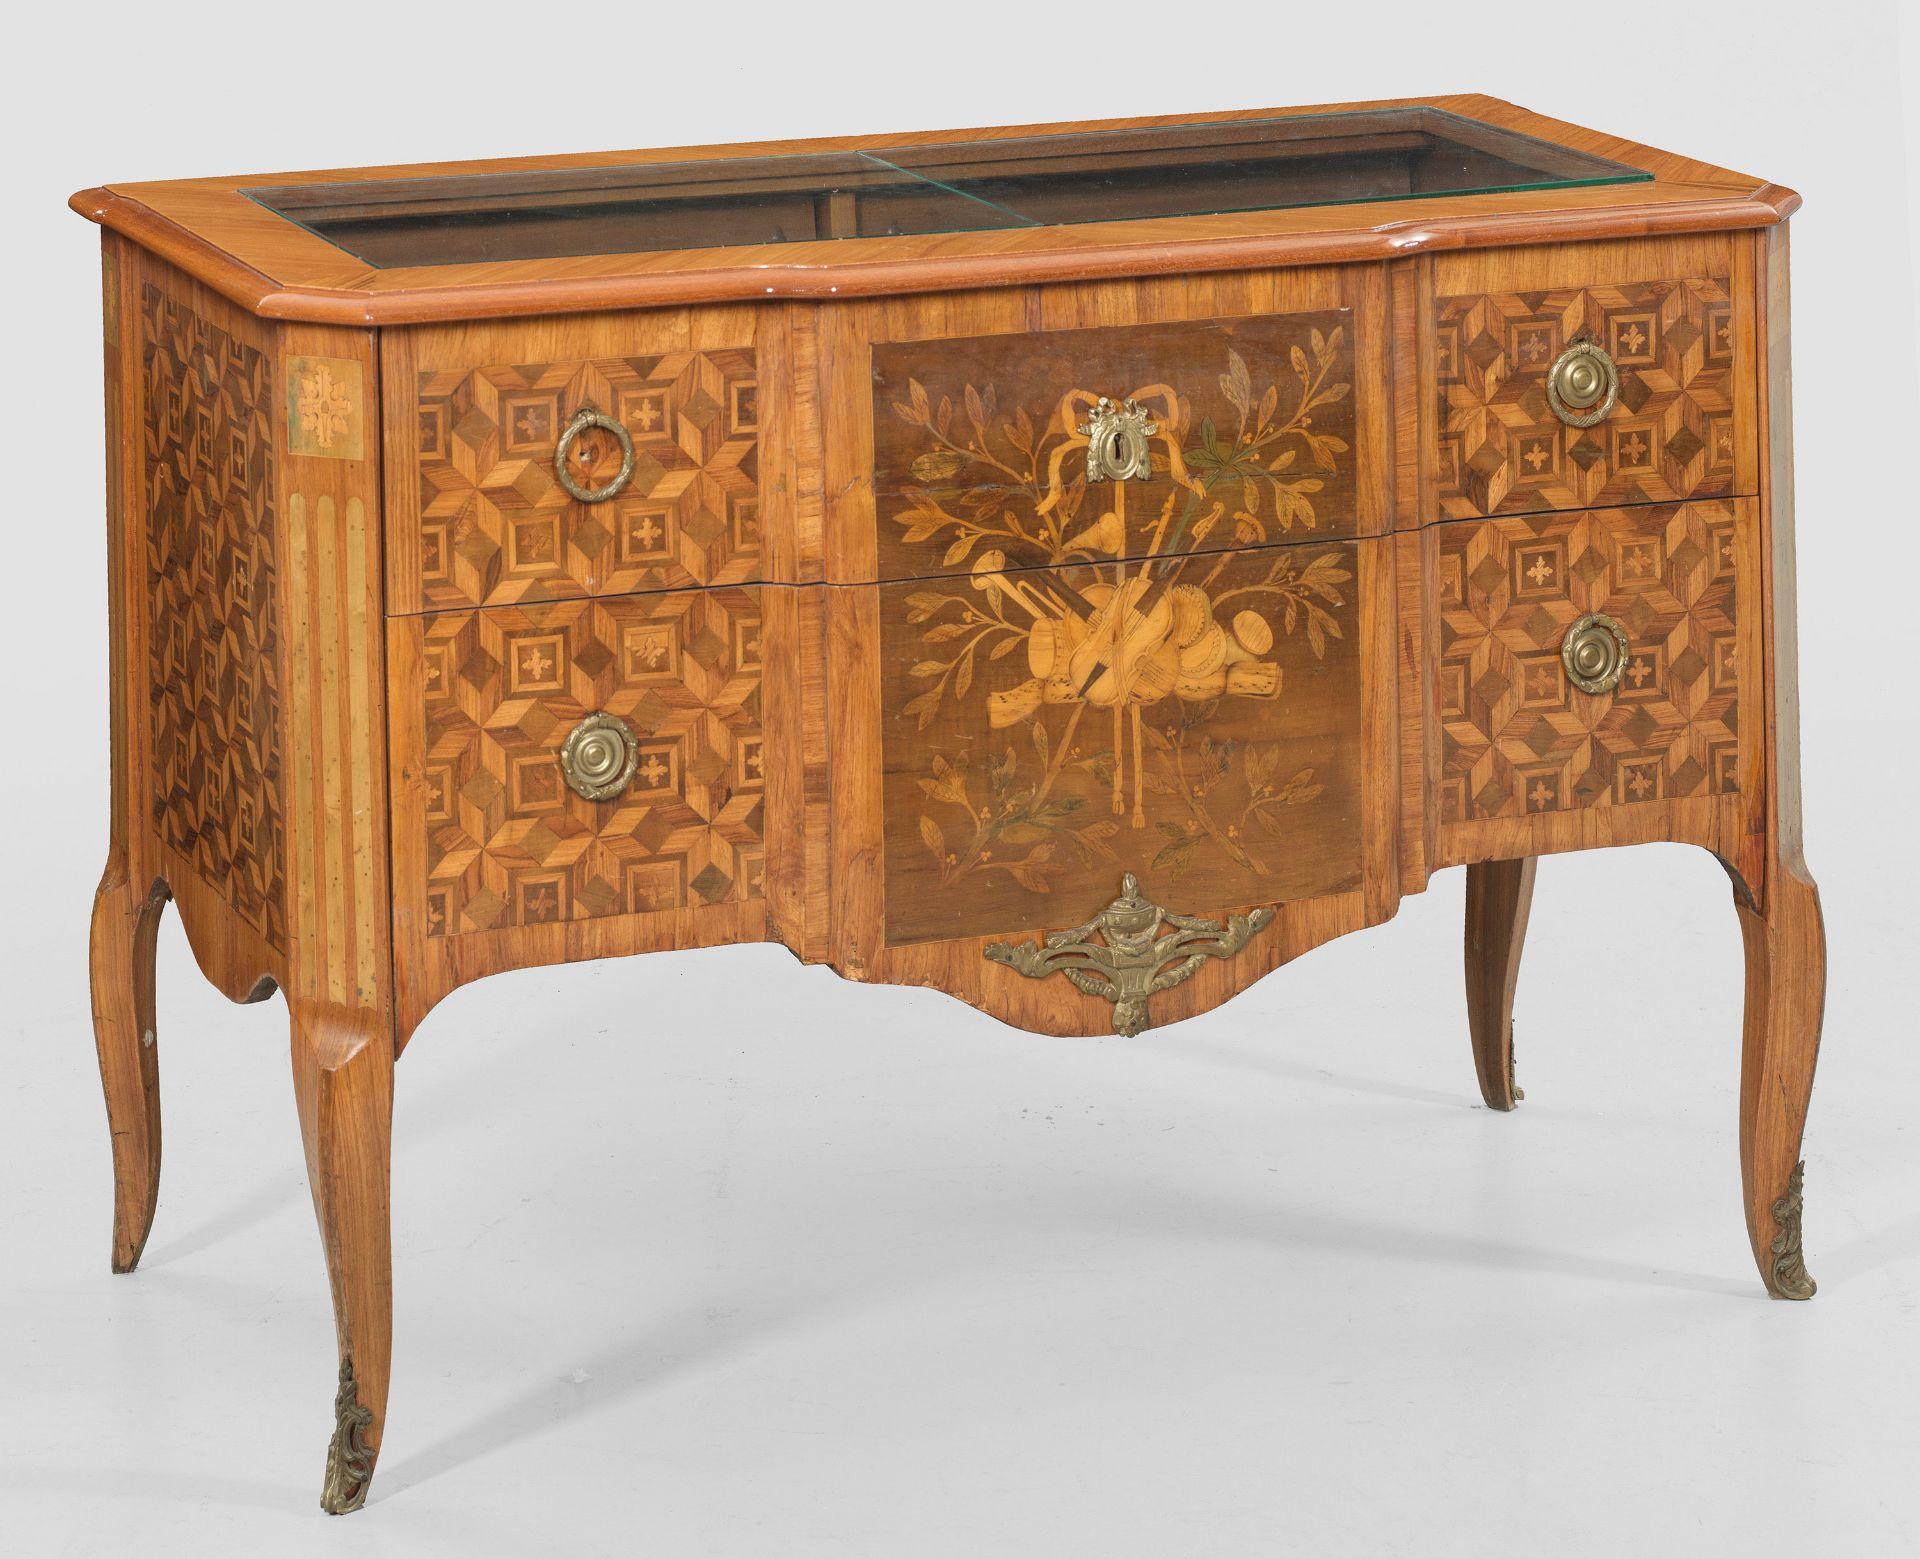 Boudoirmöbel im Louis XVI-Stil